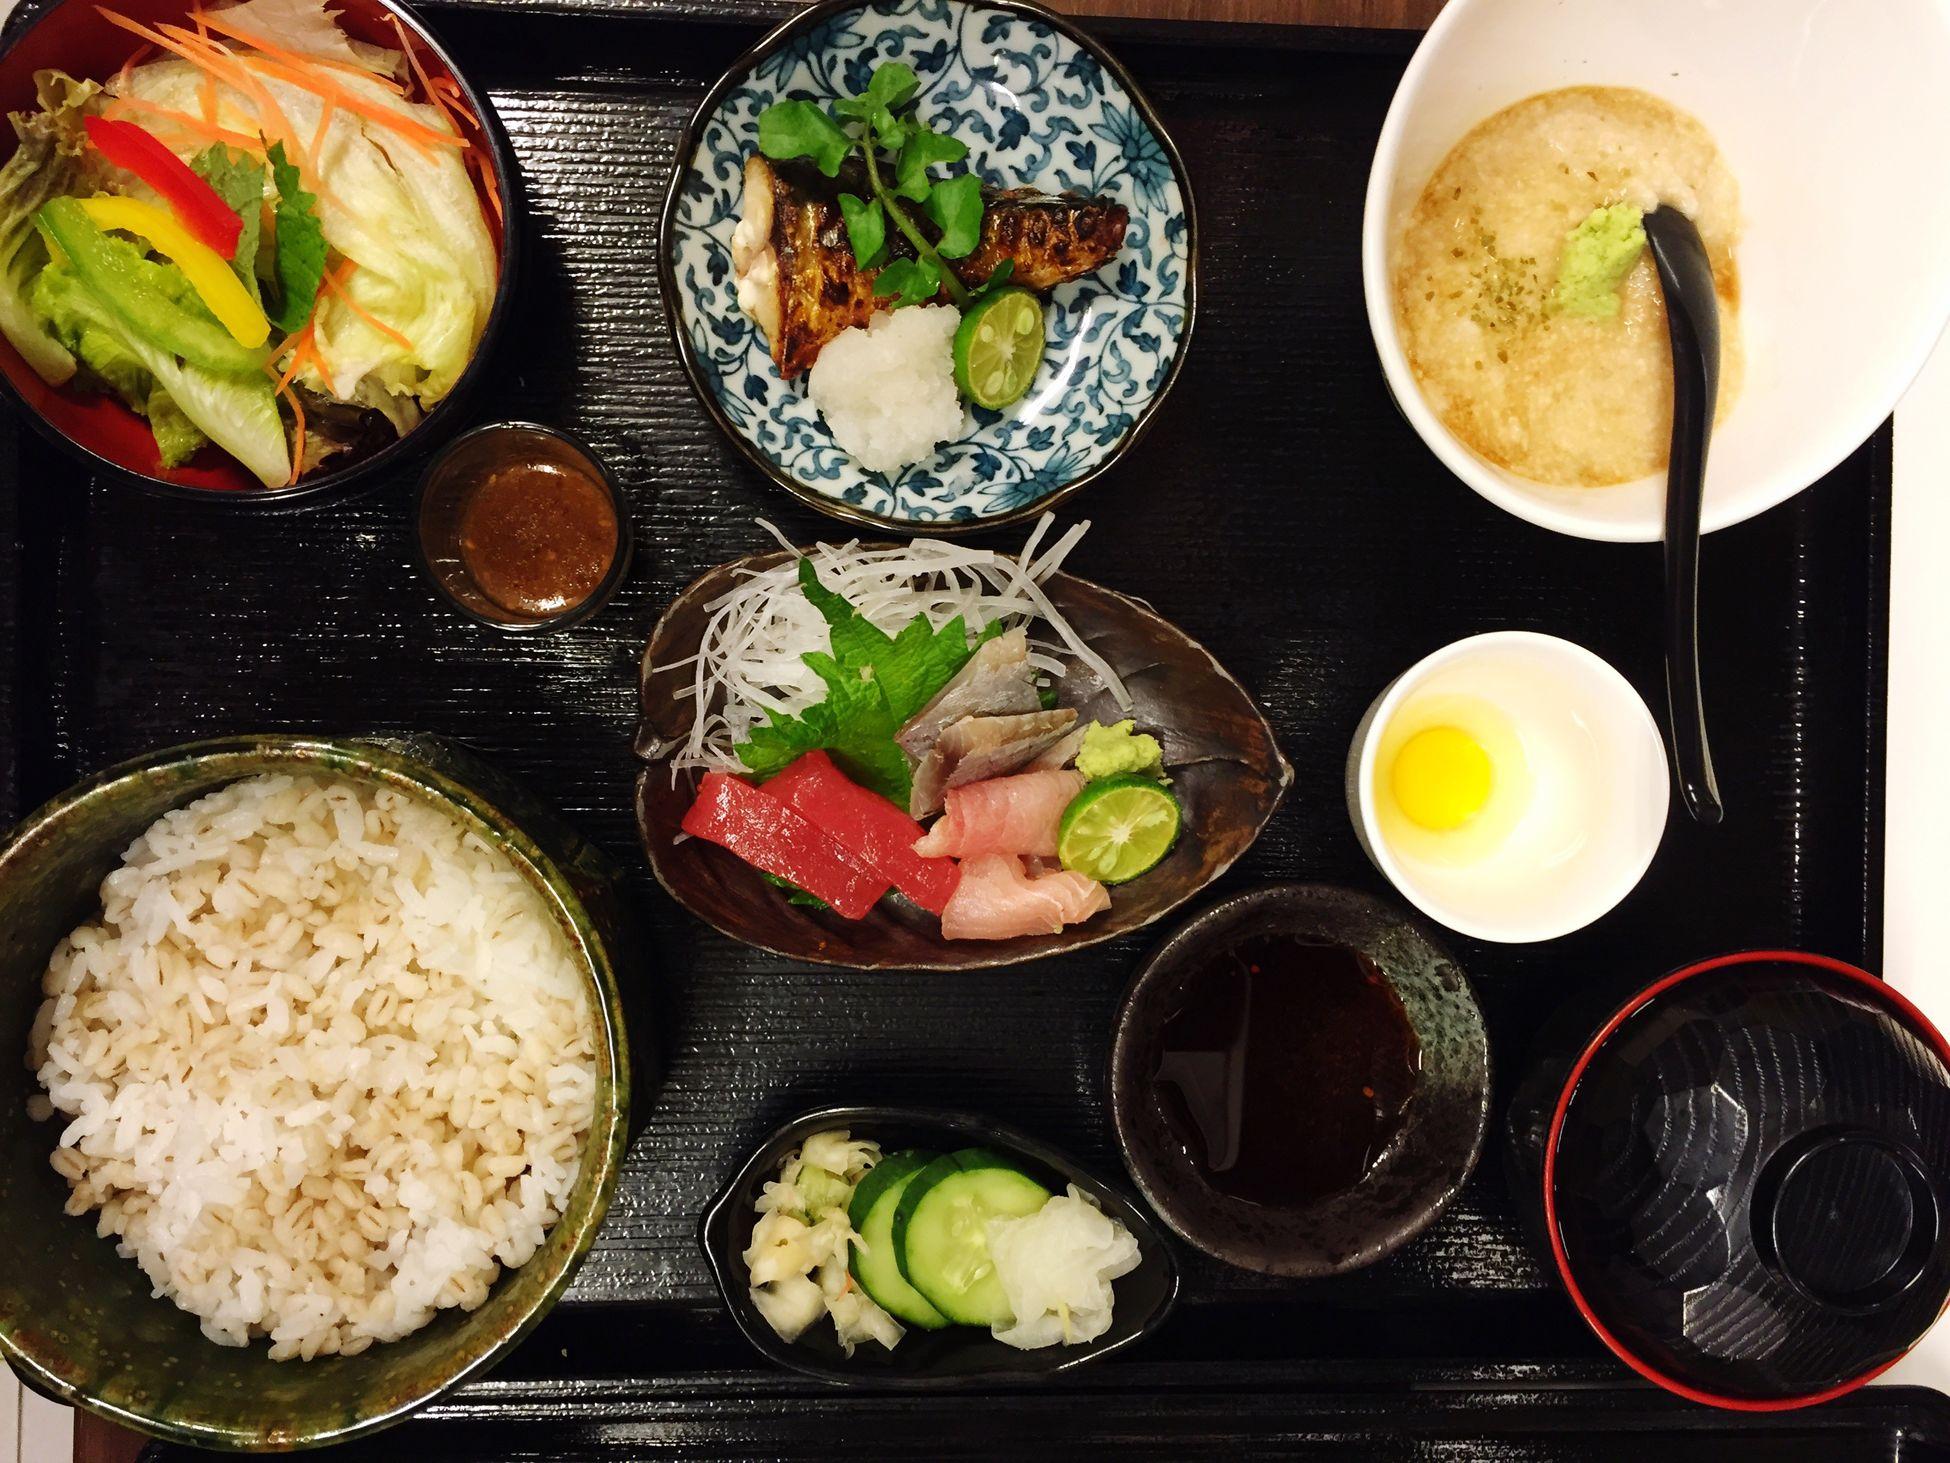 mugi toro sashimi + yaki zakana @diningshion @Japan @jawabarat @cikarang